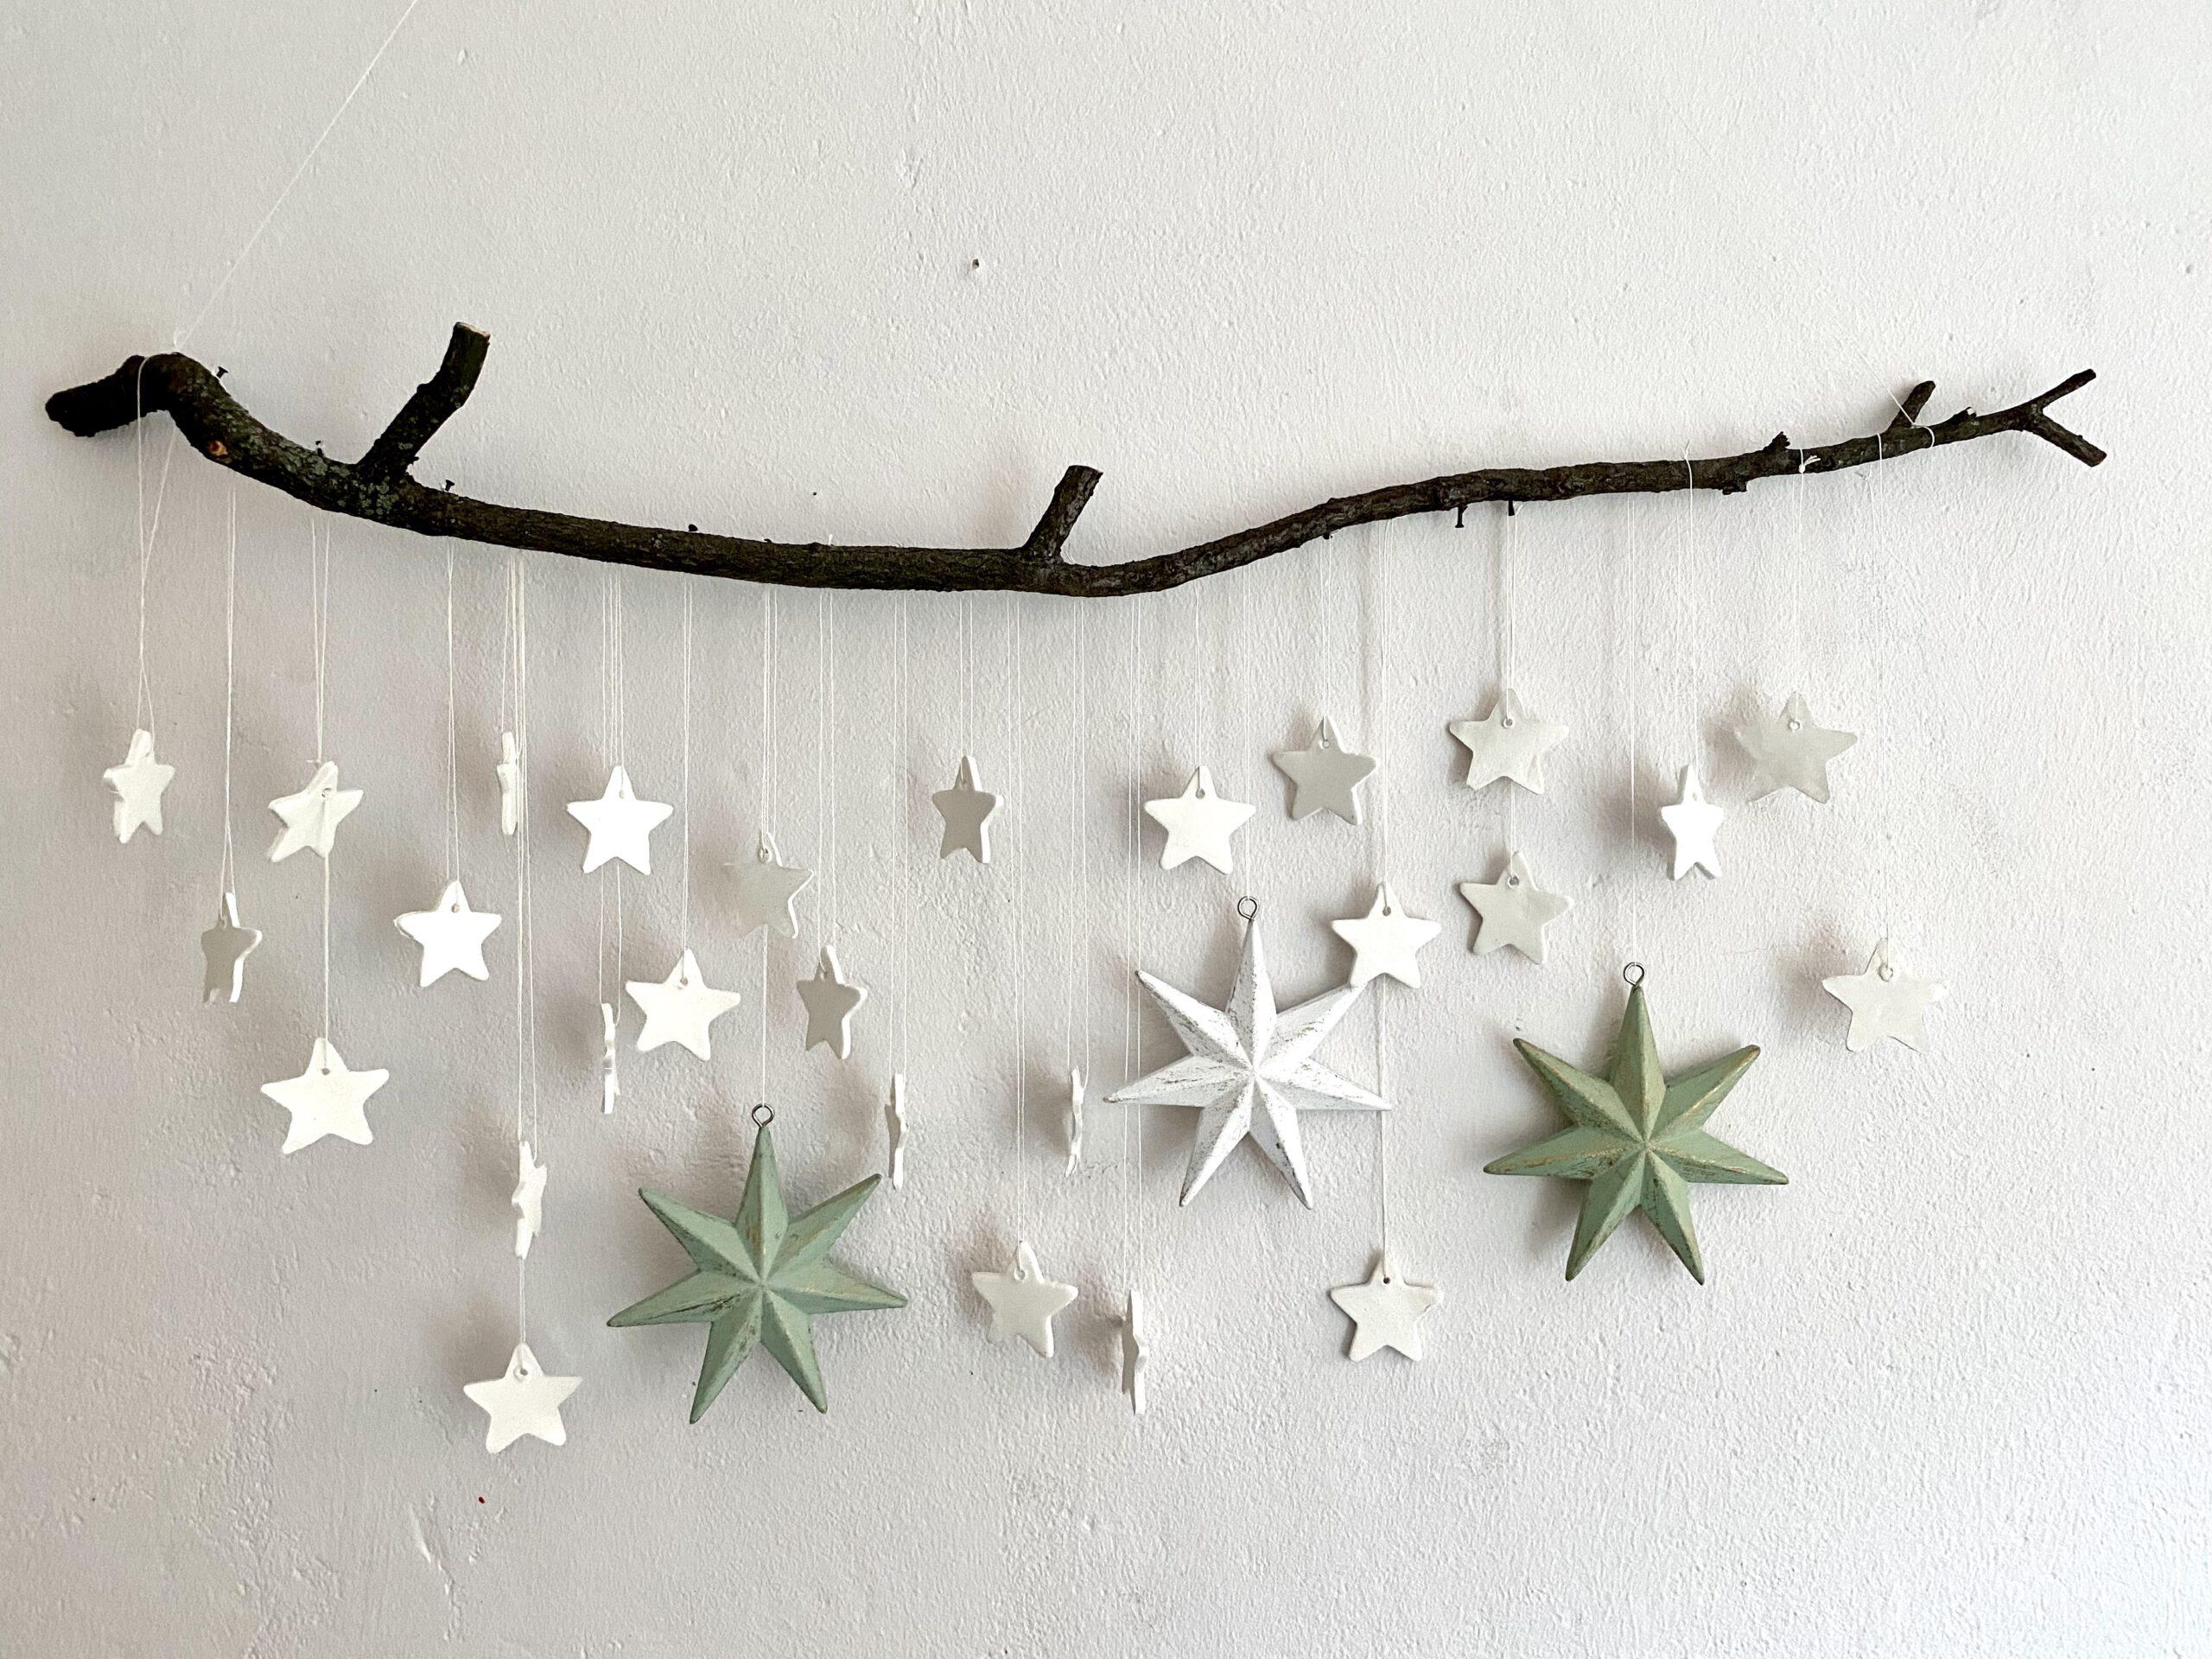 Mobile mit Sternen an einer weißen Wand: Komplettes Mobile mit ca. 25 kleinen weißen und drei großen Sternen in weiß und hellgrün